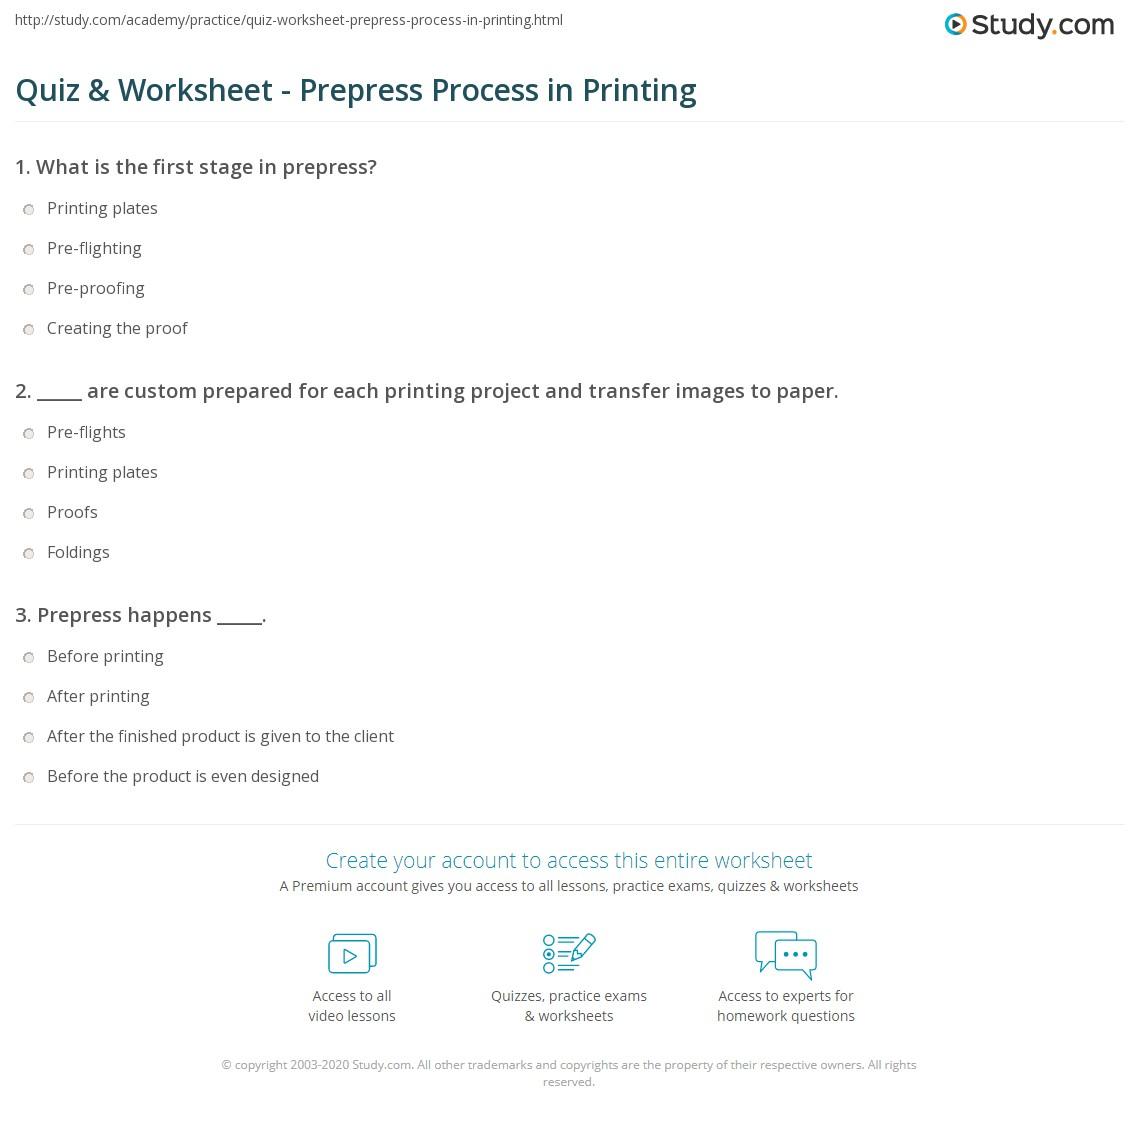 Quiz W Ksheet Prepress Process Pr T G Study